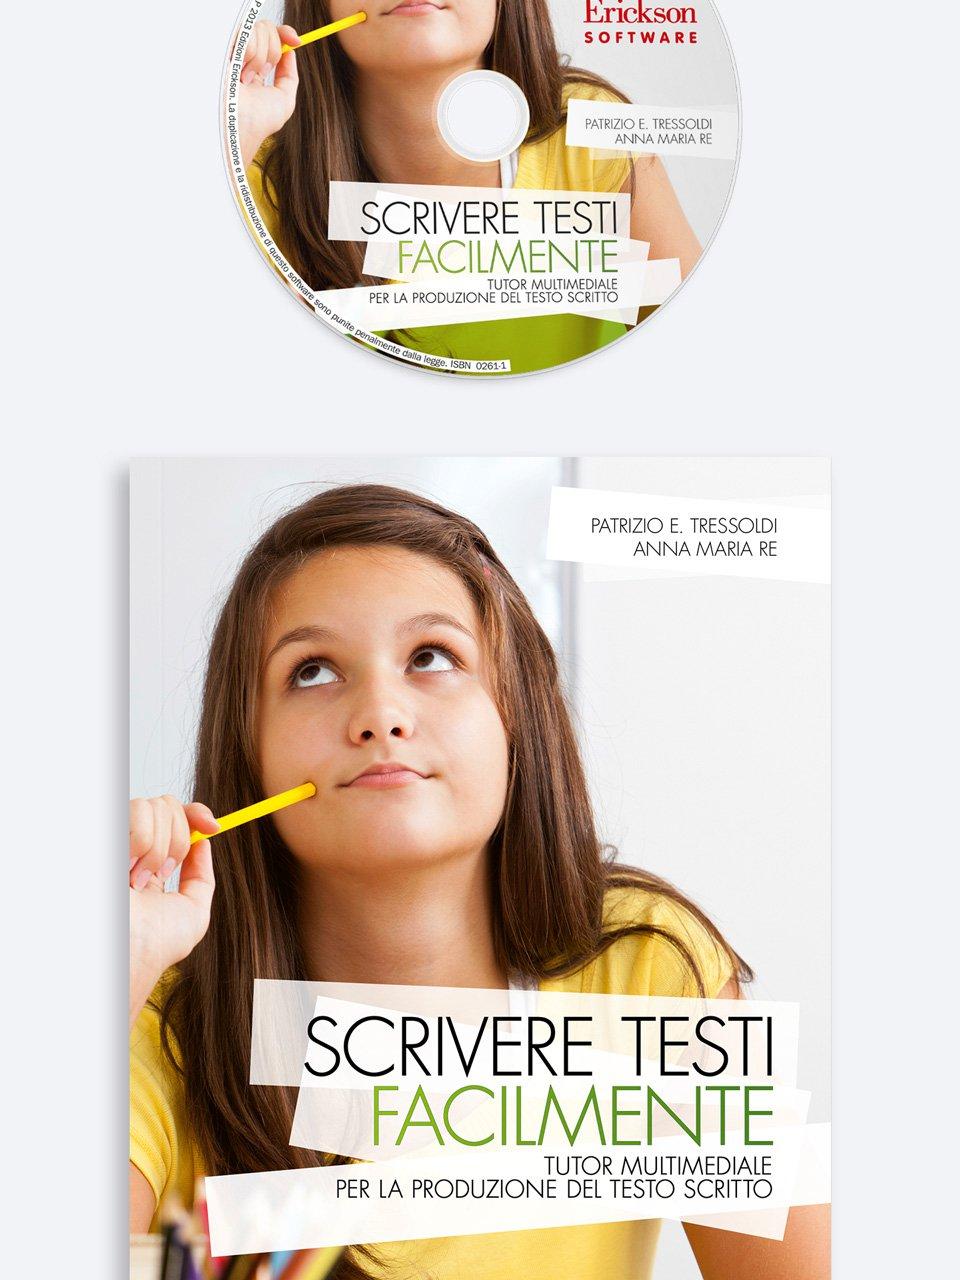 Scrivere Testi Facilmente - Raccontare per crescere - Erickson